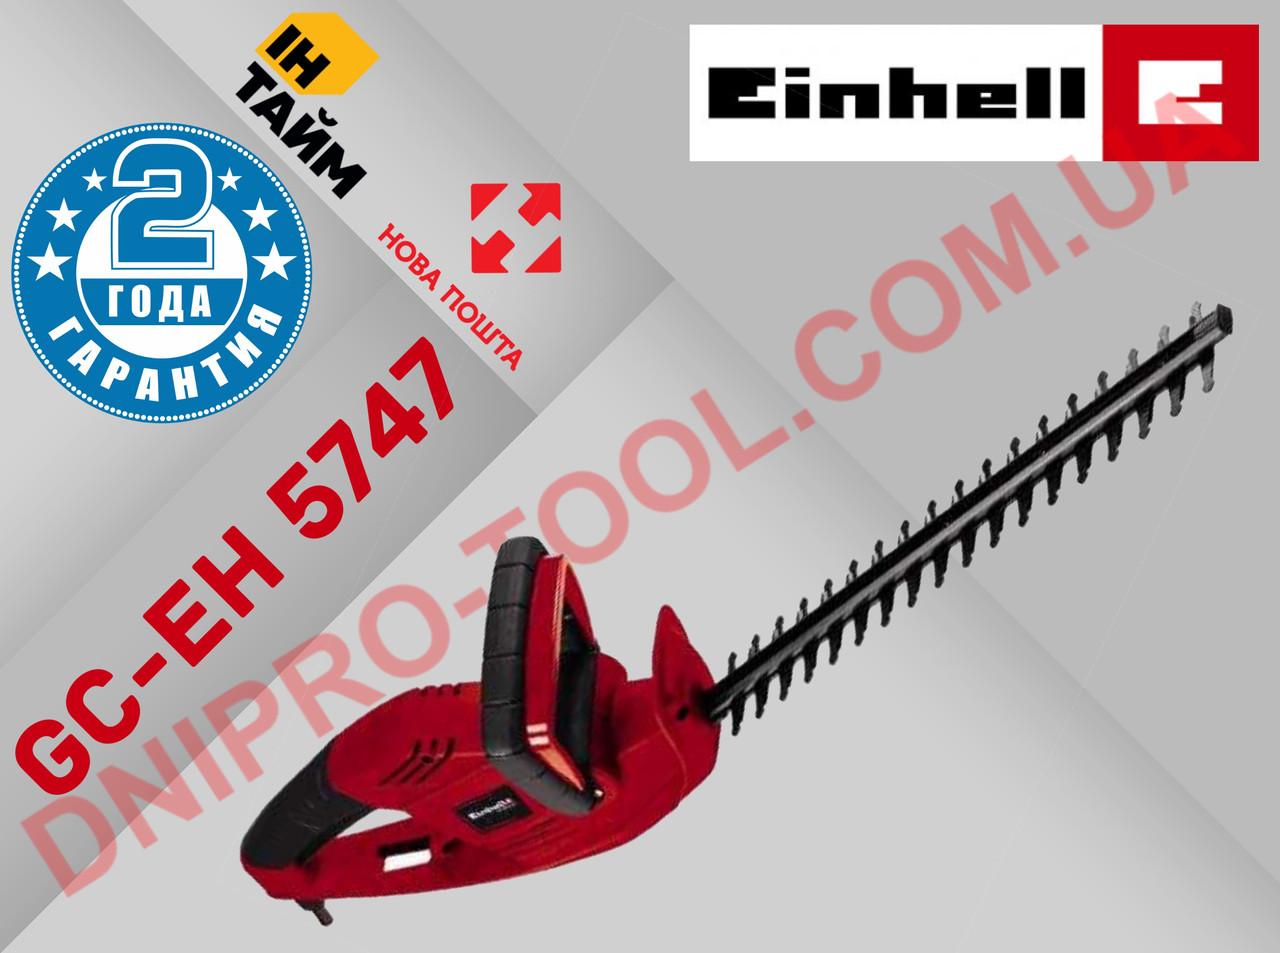 Электрический триммер Einhell GC-EH 5747